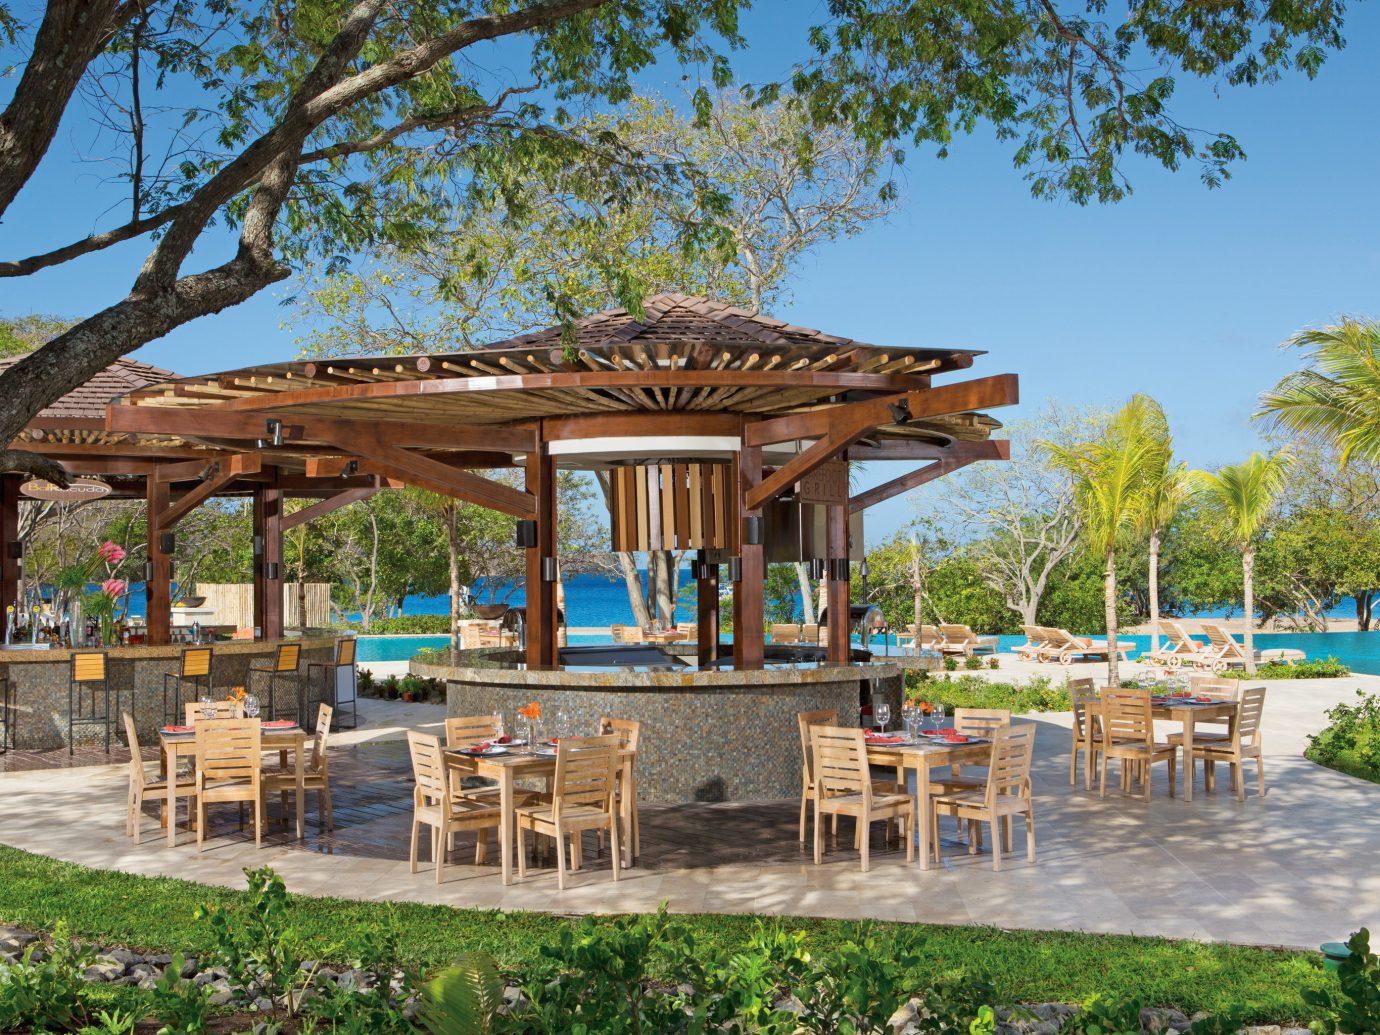 Dreams Las Mareas Outdoor Bar - Guanacaste Costa Rica